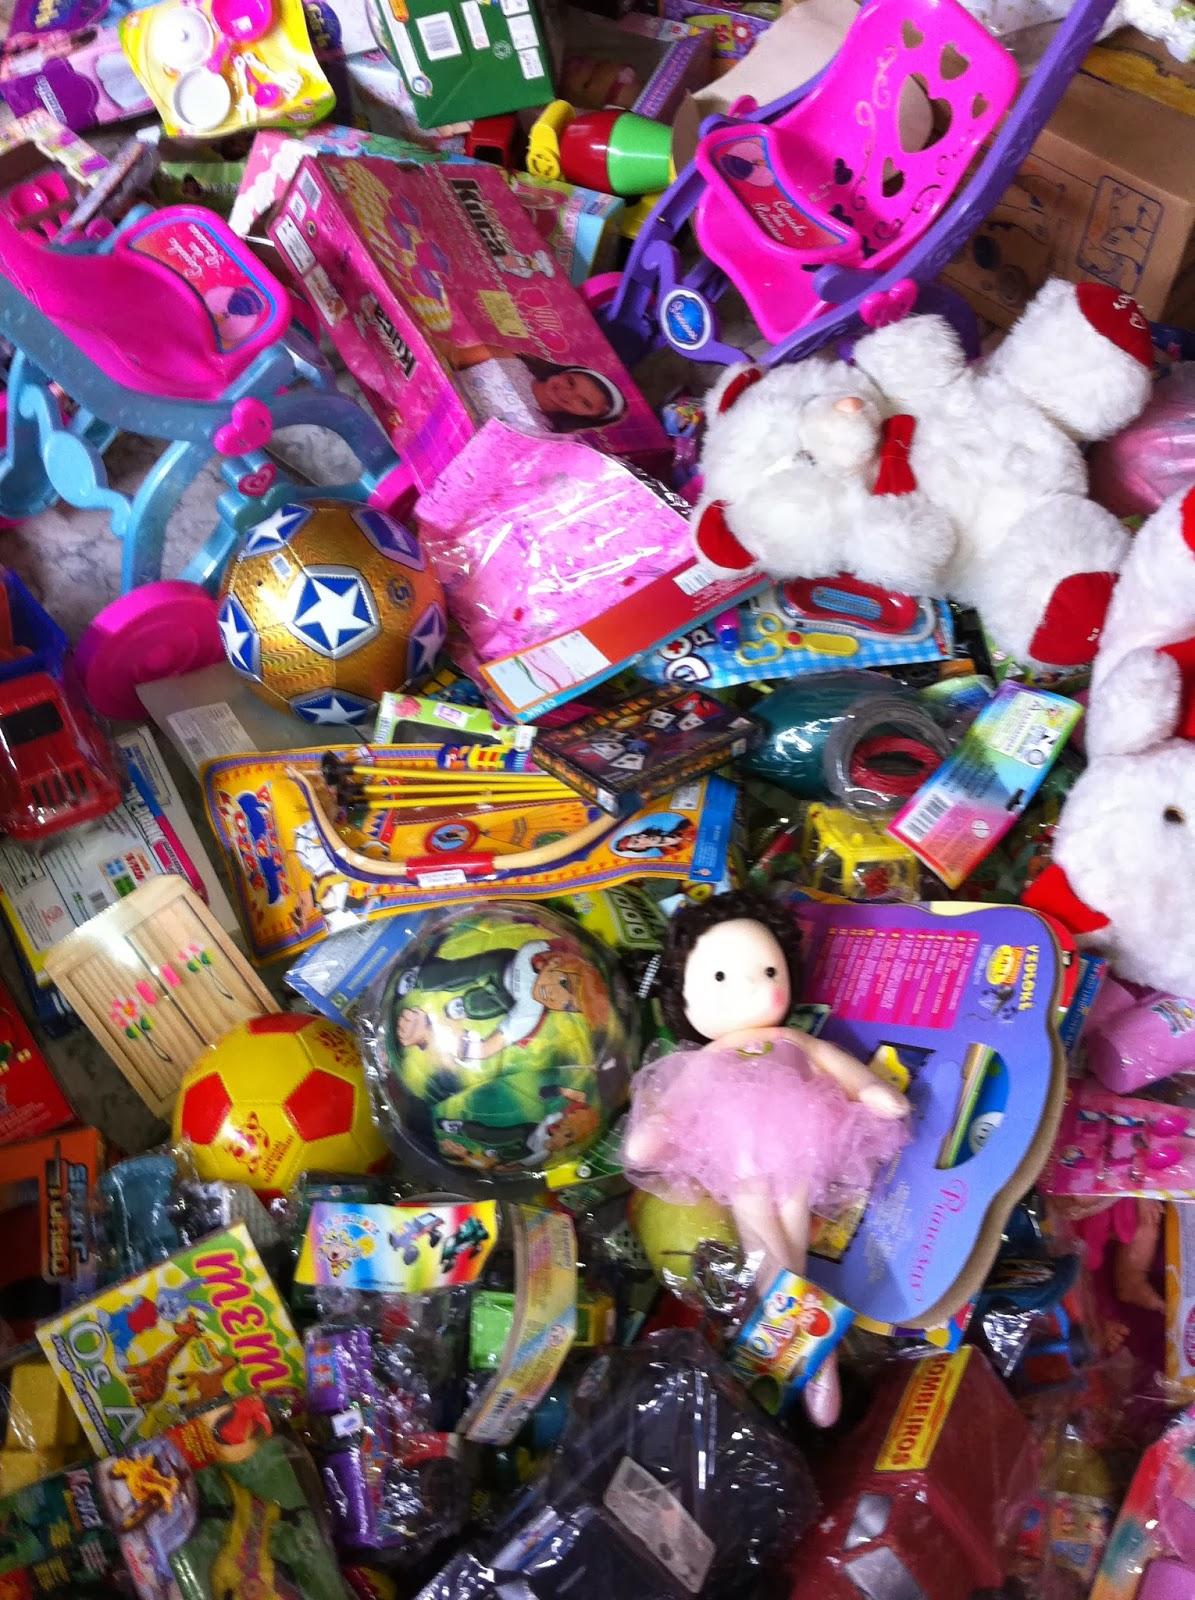 Solidariedade - Grupo dos Amigos de Gentio do Ouro arrecadou 280 brinquedos para doação a crianças carentes: